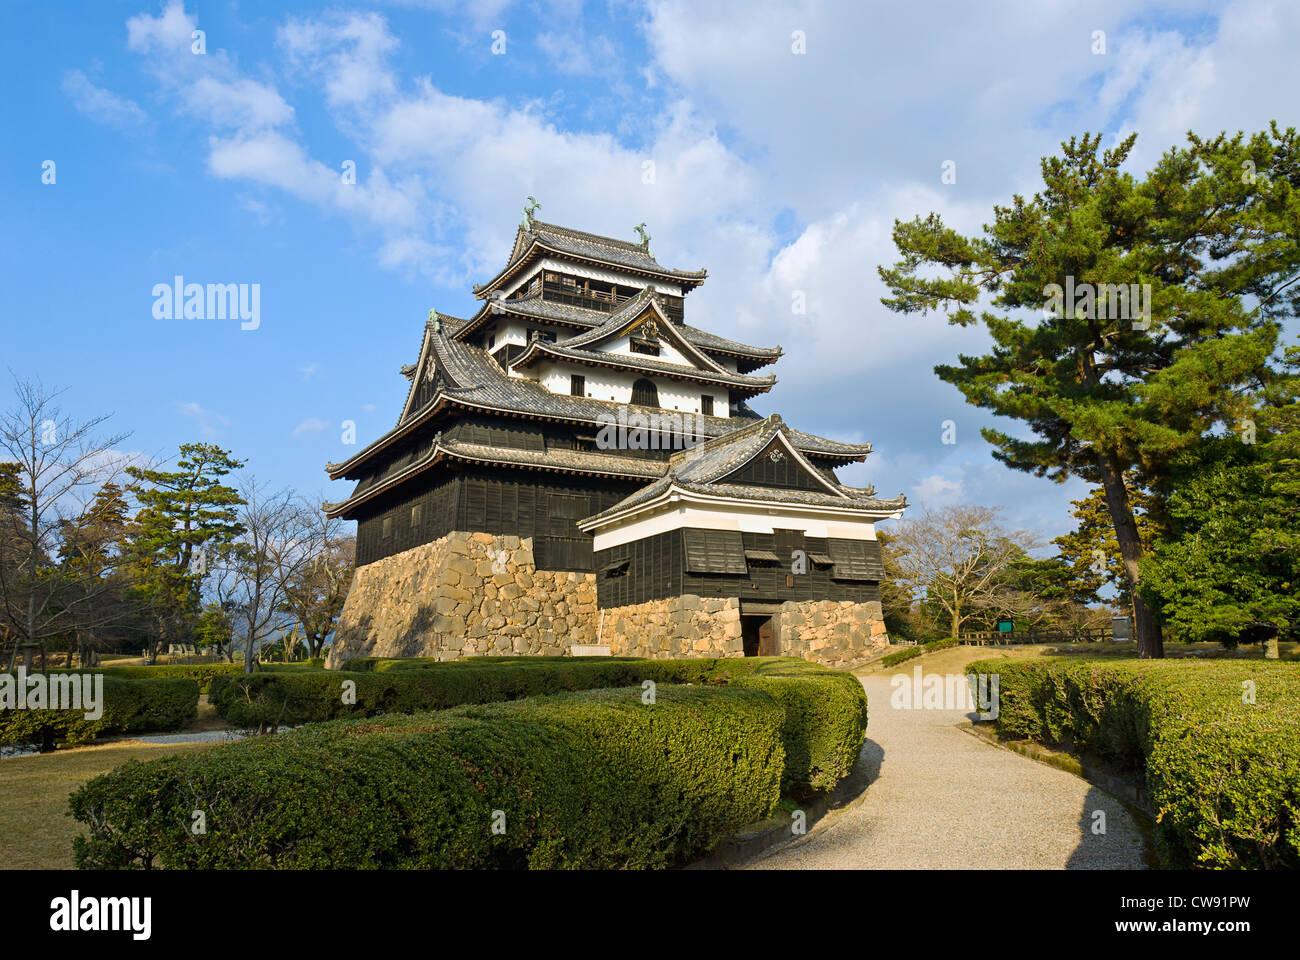 O Castelo de Matsue, Shimane Prefecture, Japão. Castelo Medieval feita de madeira, c. 1622. Imagens de Stock